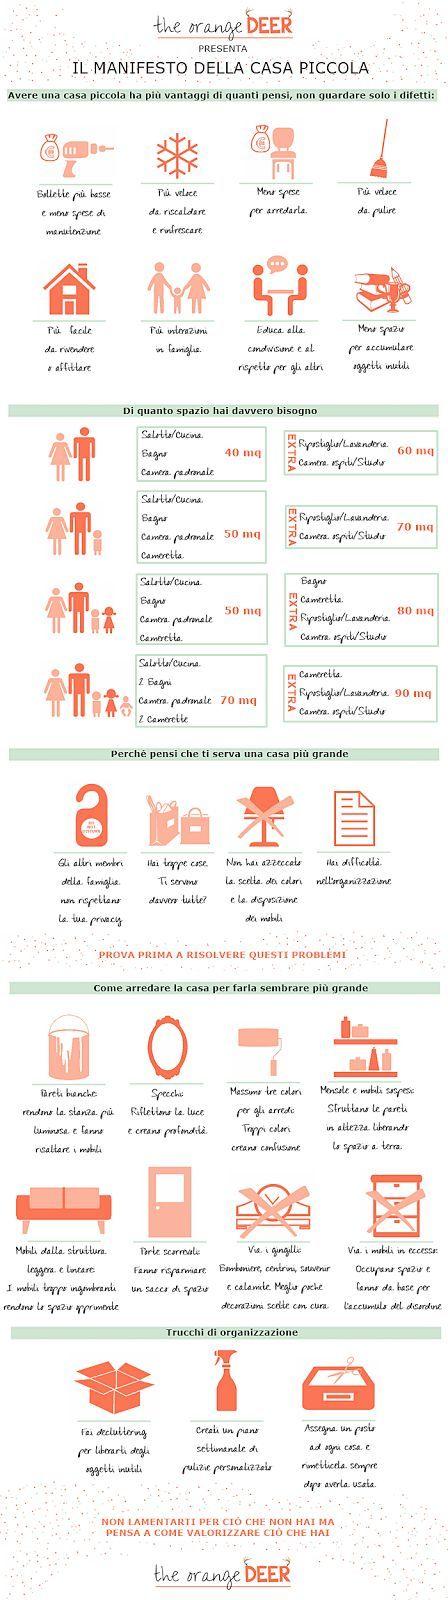 Il manifesto della casa piccola. Infografica